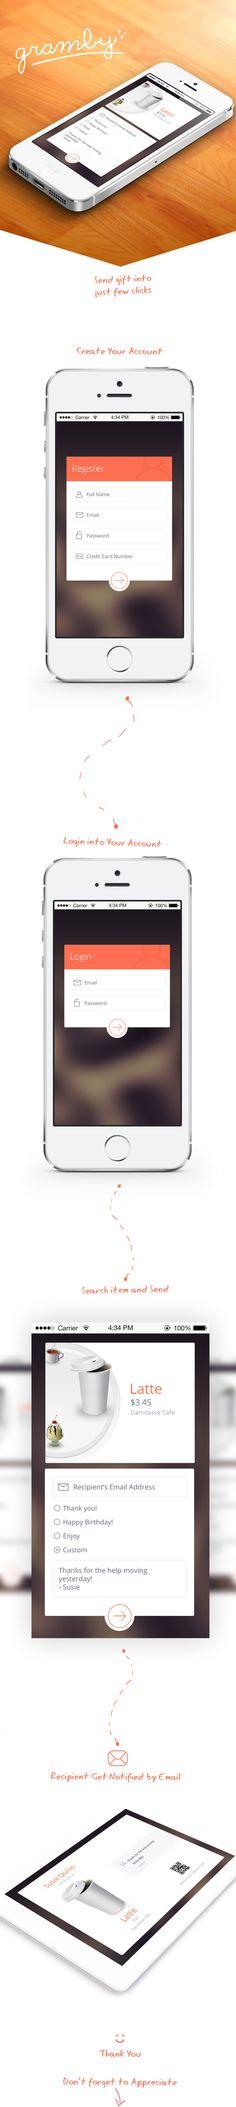 Gramby Giftshop - Mobile App